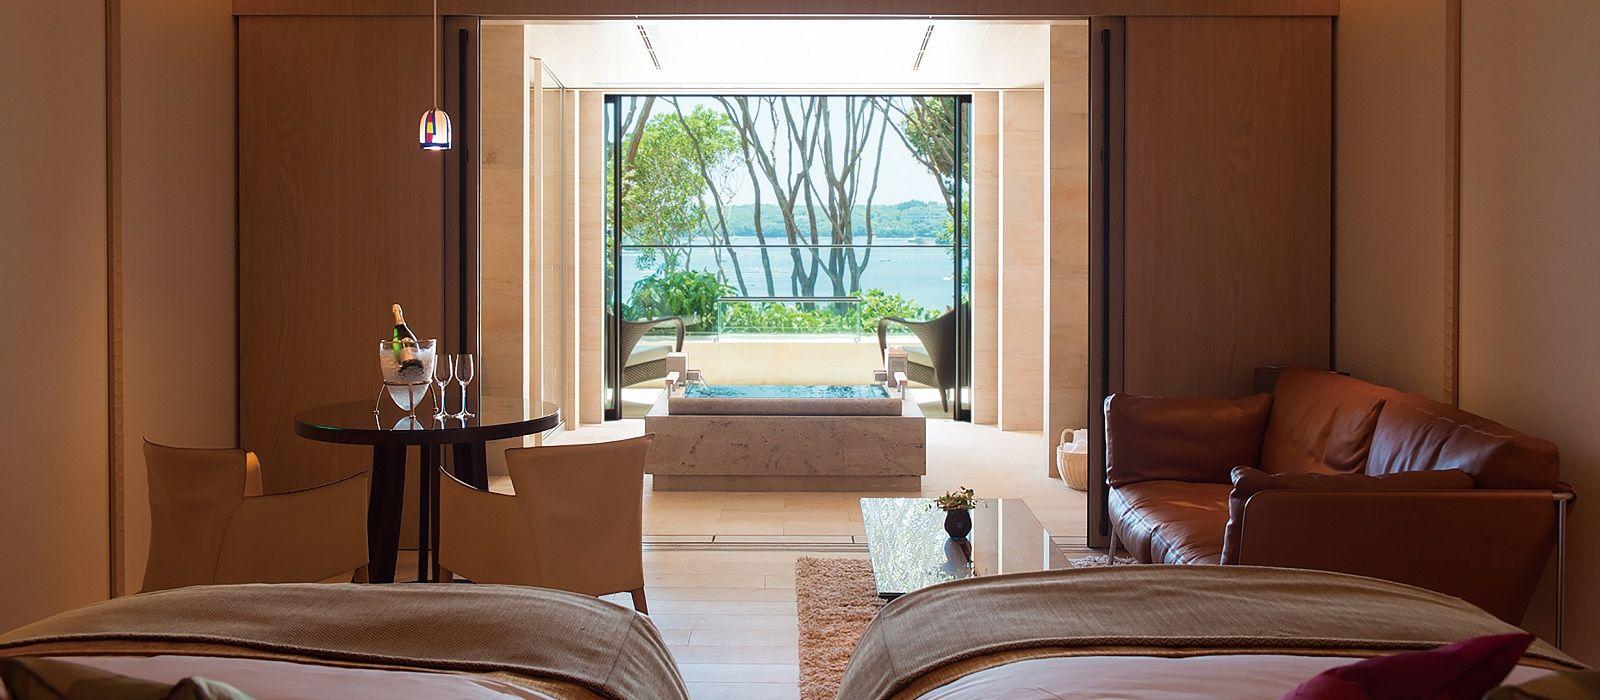 Hotel The Hiramatsu Kashikojima Japan